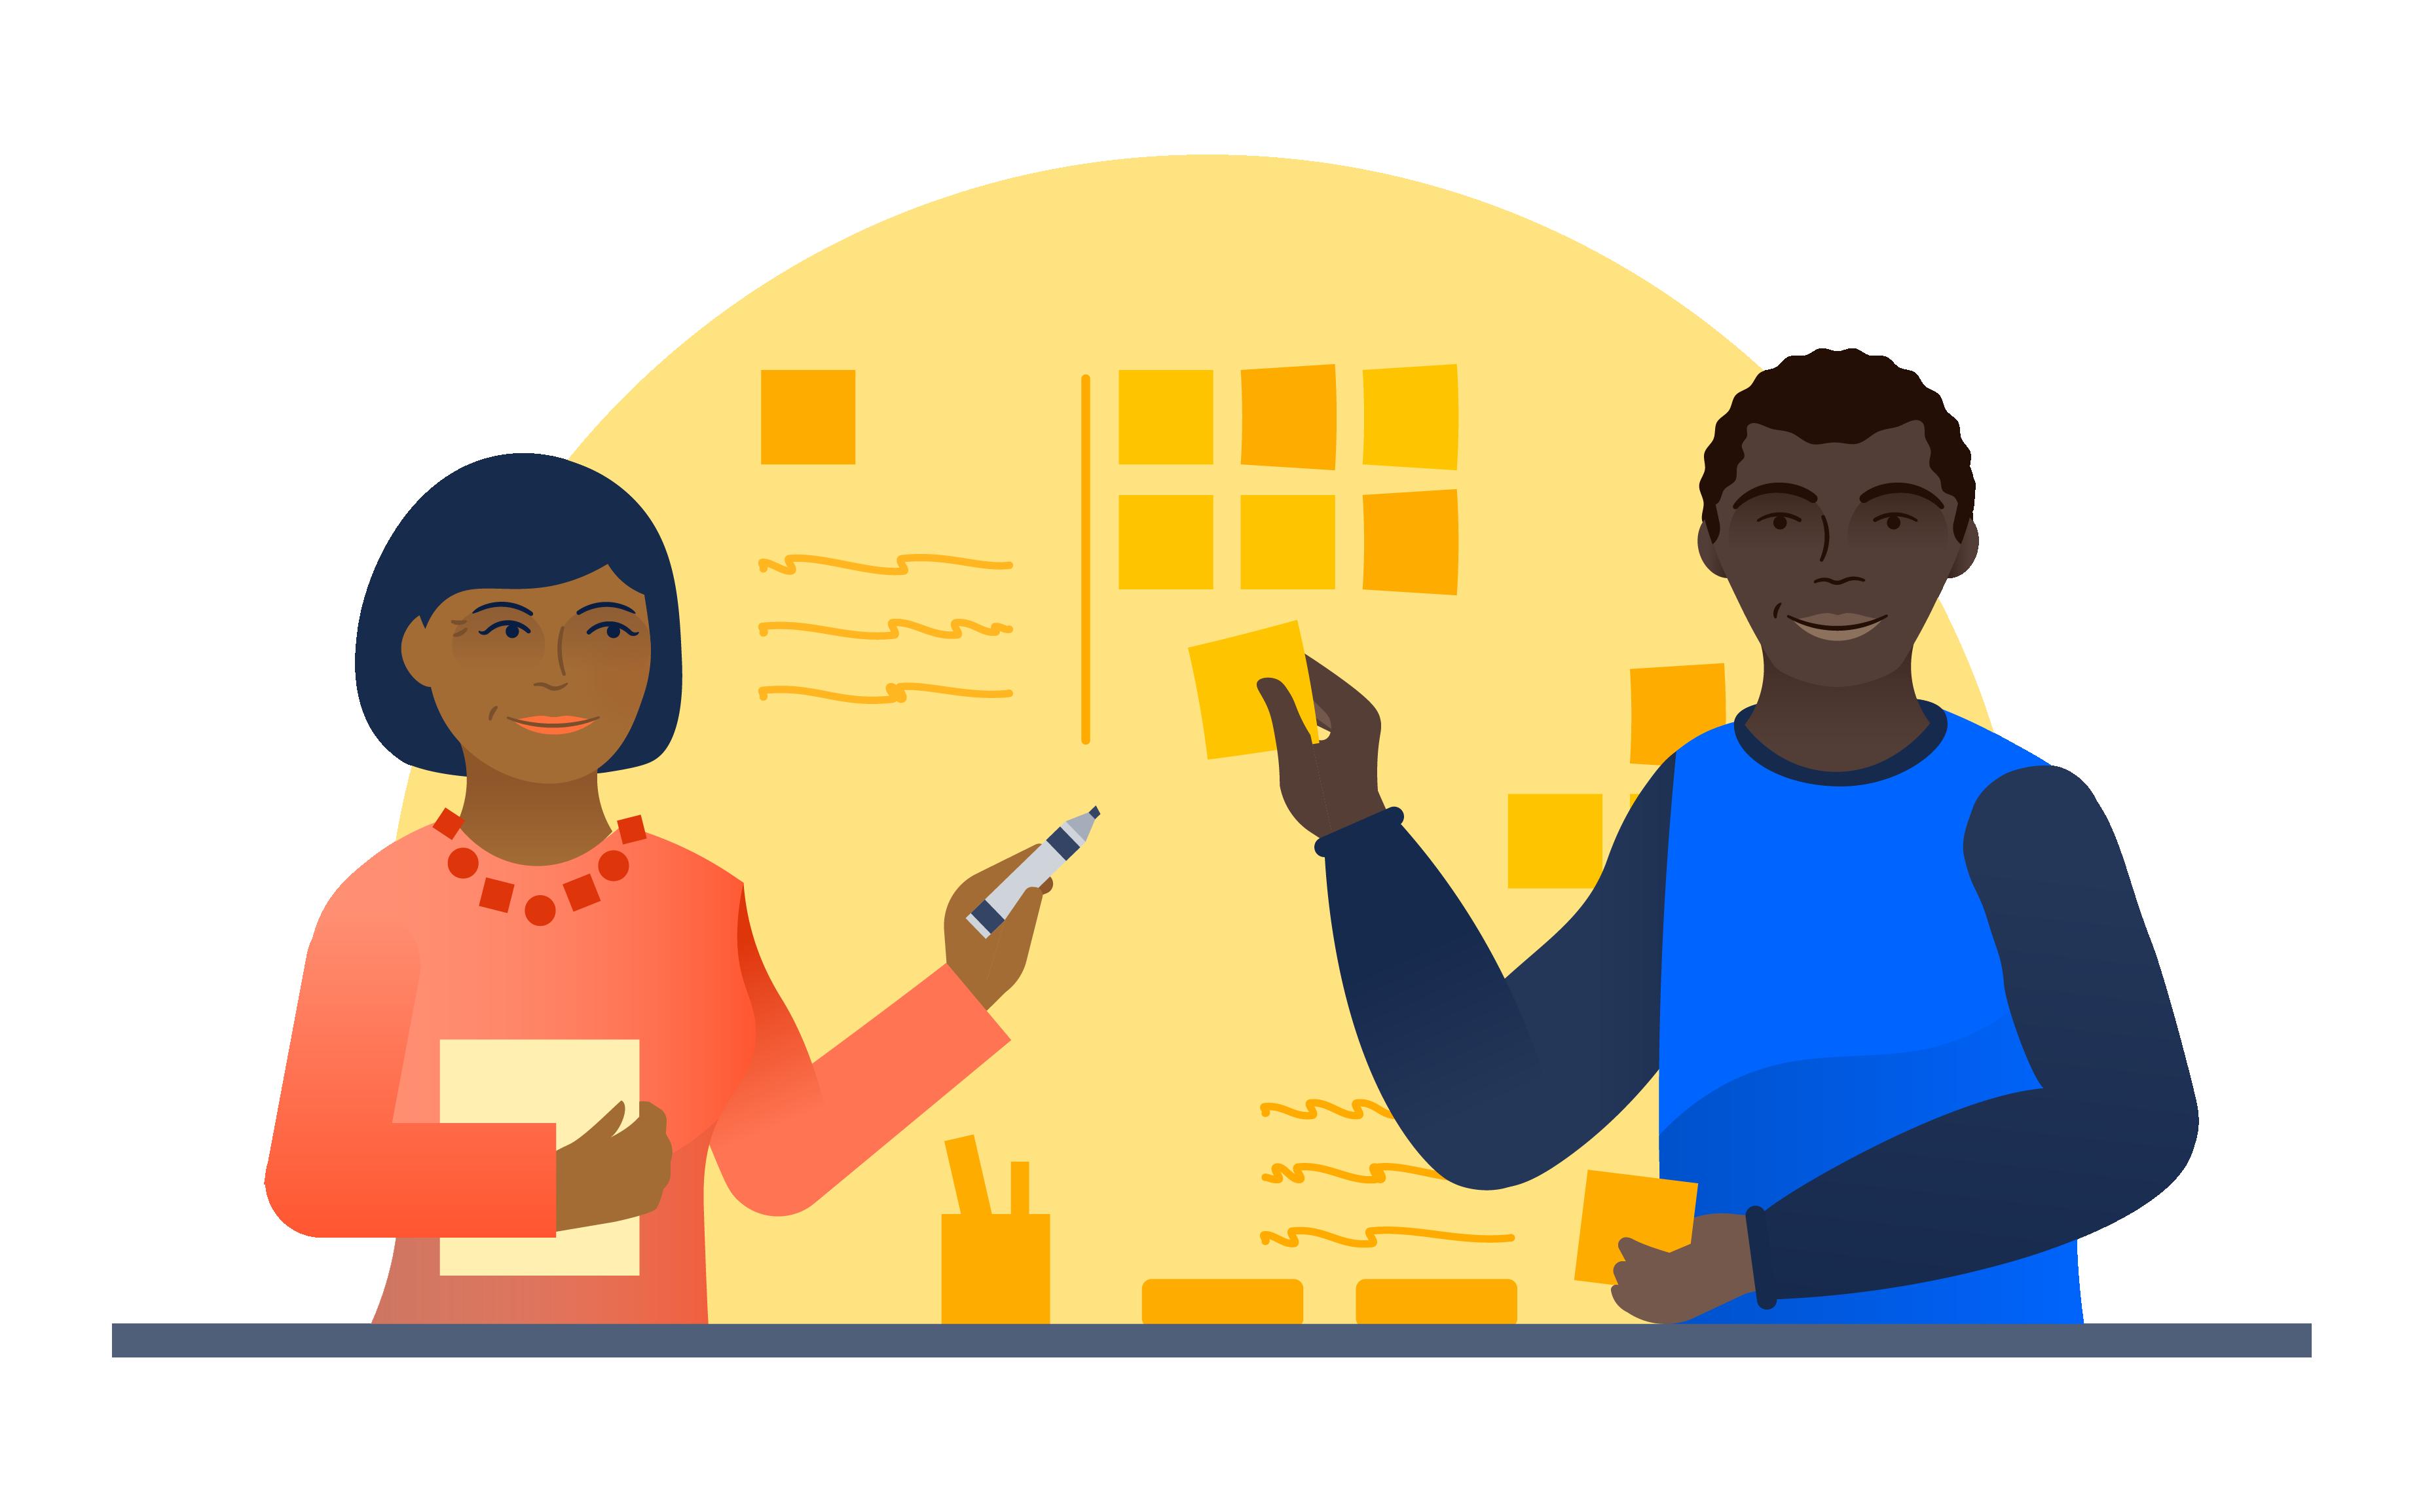 Менеджер по продукту и владелец продукта работают вместе, используя клейкие стикеры и фломастеры | Atlassian Agile Coach